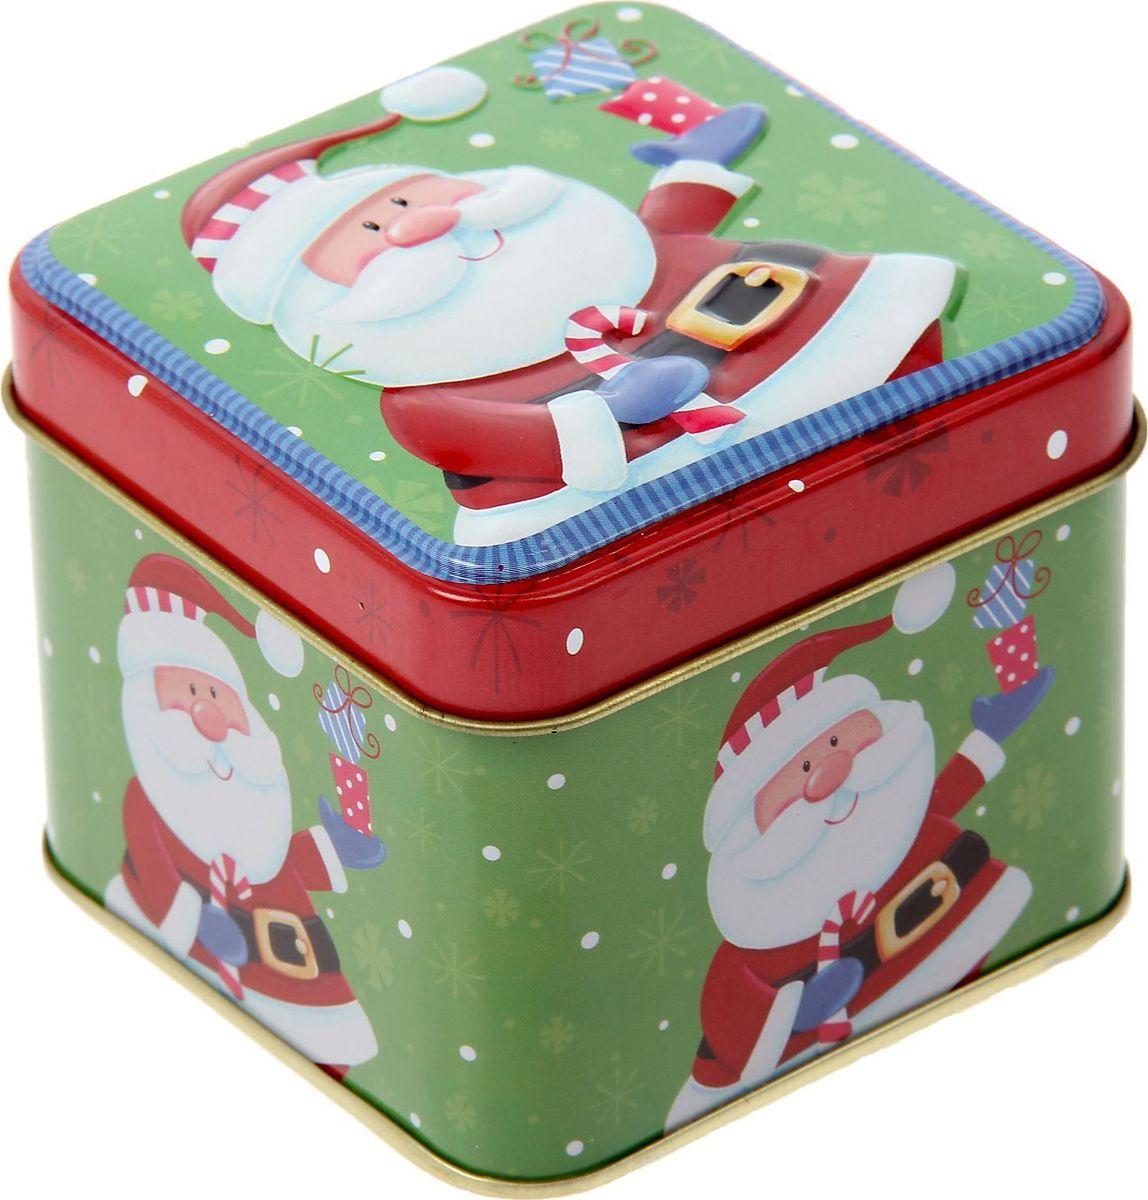 Шкатулка Sima-land Дедушка Мороз с подарками, цвет: оливковый, 6,5 х 7,5 х 7,5 см1387751Шкатулка — это небольшой сувенир, а также оригинальная упаковка подарка. Она дополнит интерьер спальни, гостиной или прихожей. Изделие предназначено для хранения украшений: колец, браслетов, часов, цепочек, колье, сережек и прочих предметов.